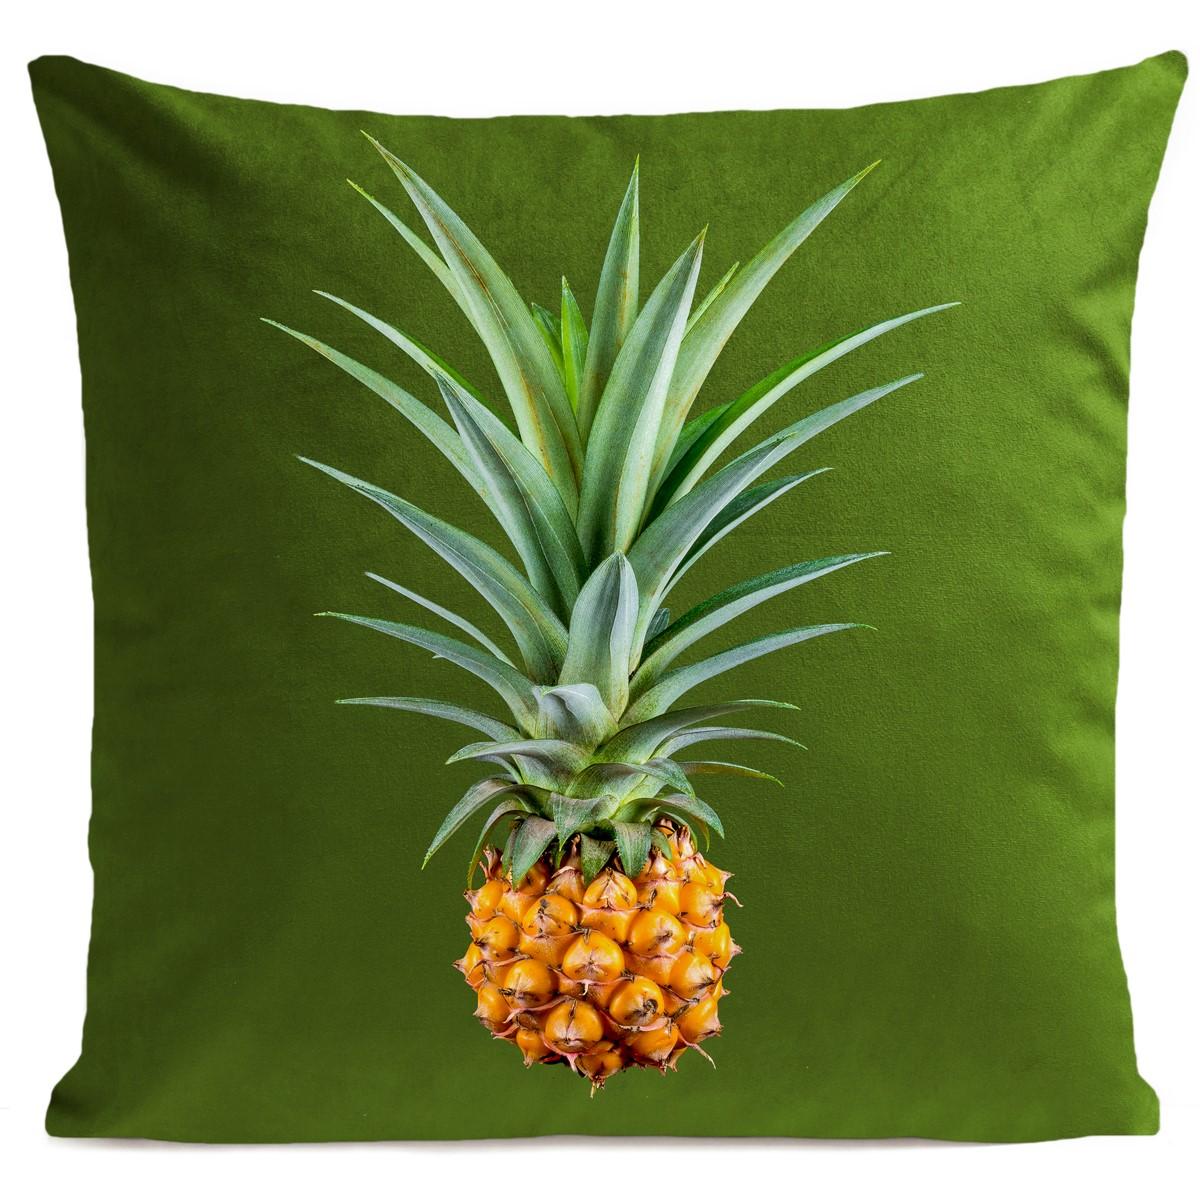 Coussin velours carré imprimé fruits vert pur 60x60